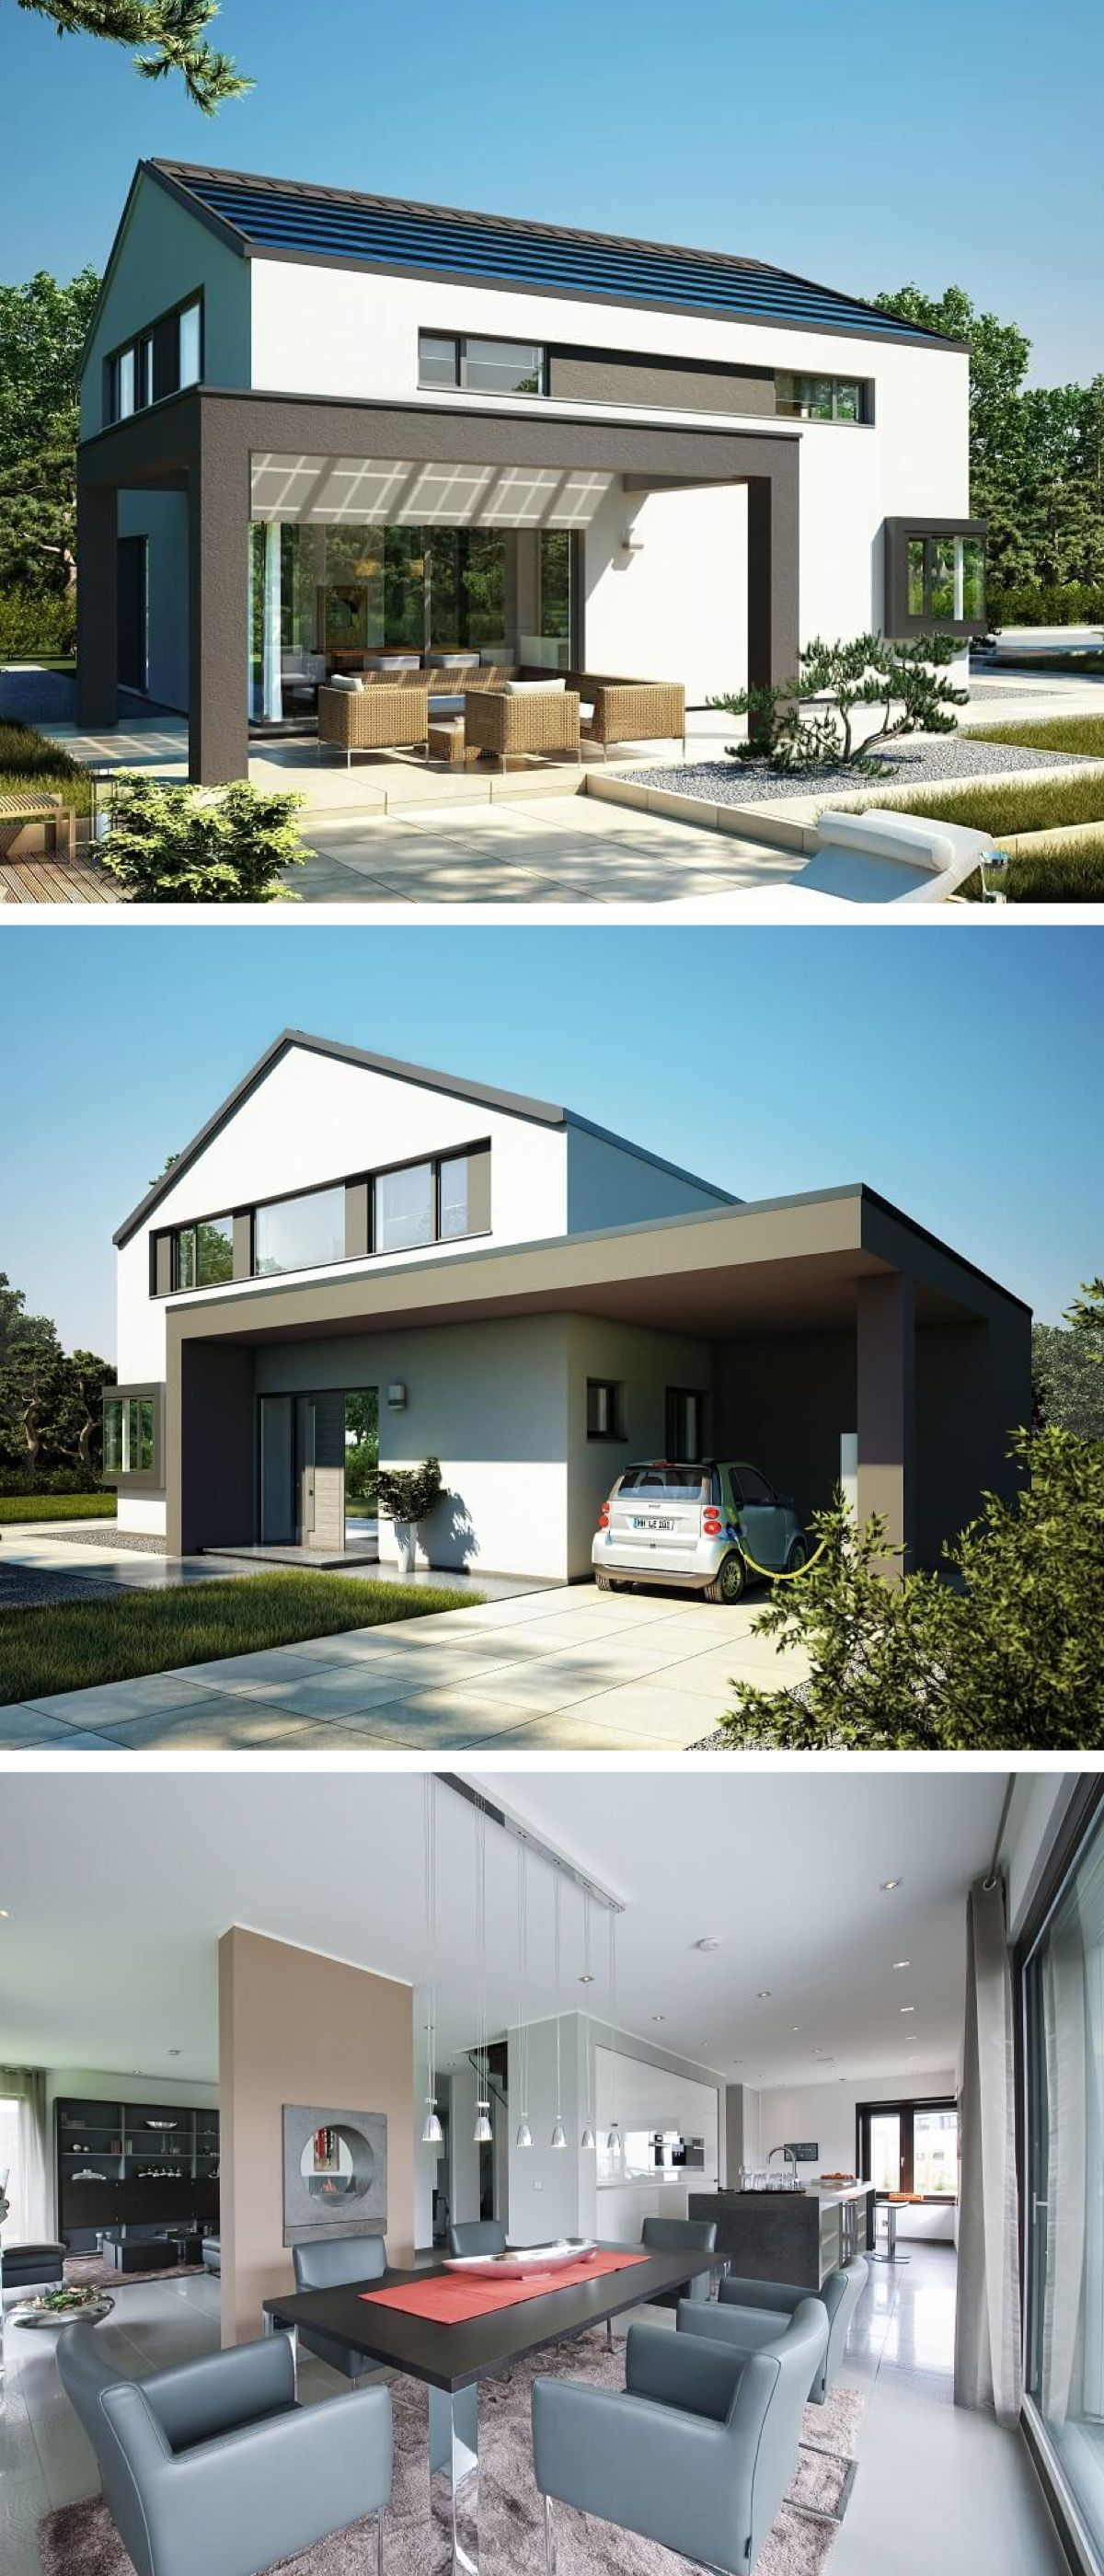 Einfamilienhaus mit moderner Giebel Architektur, Satteldach, Carport ...